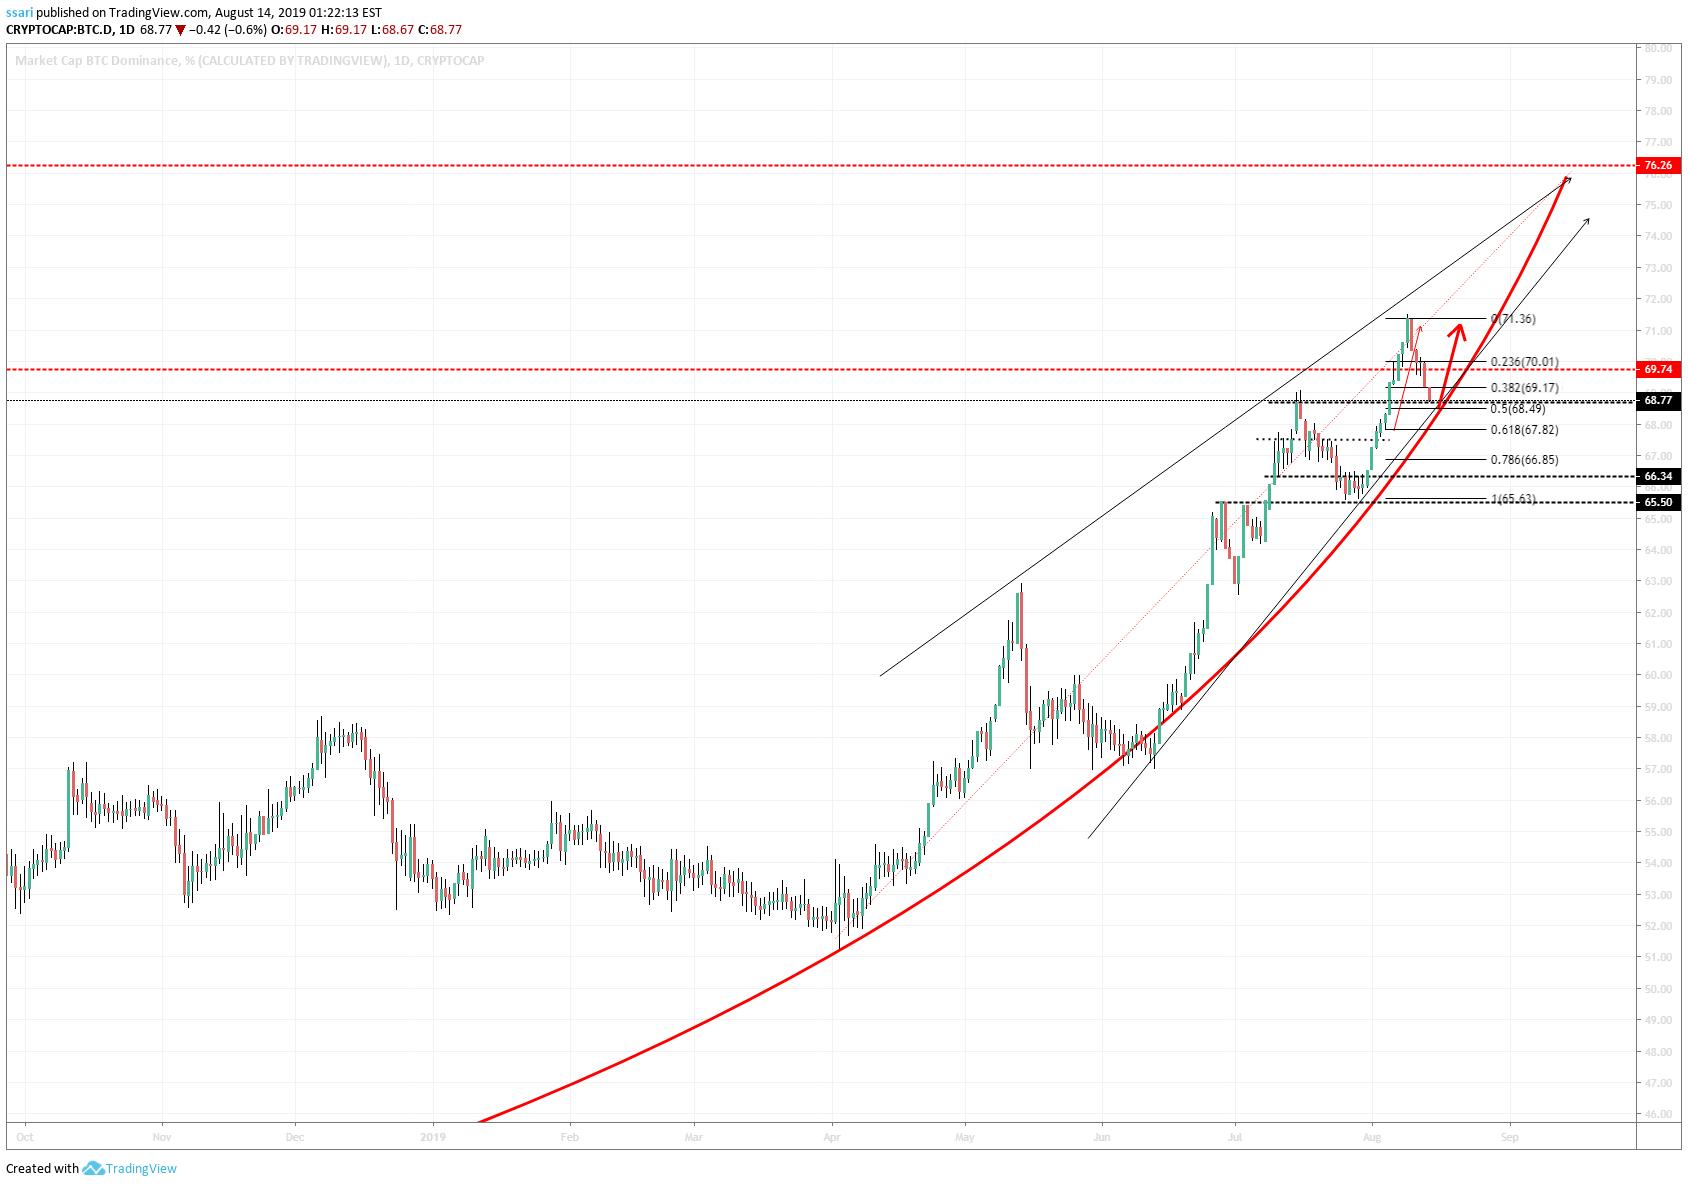 bitcoin graph tradingview è trader bitcoin nulla di buono